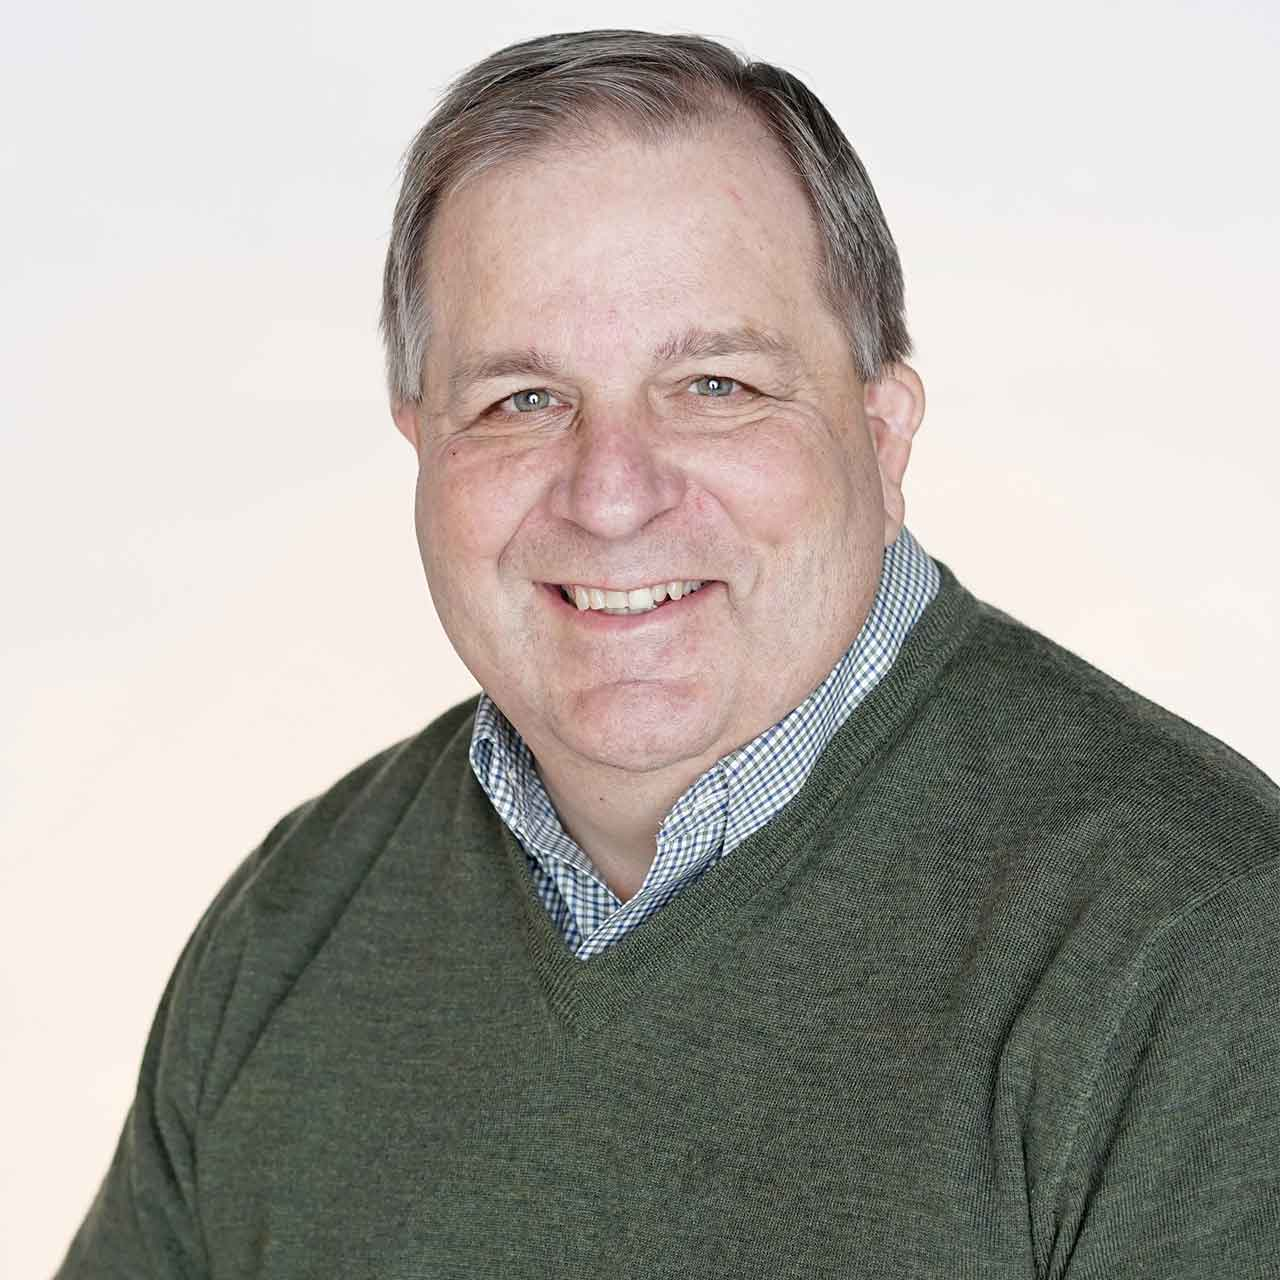 Brent A. Dawes